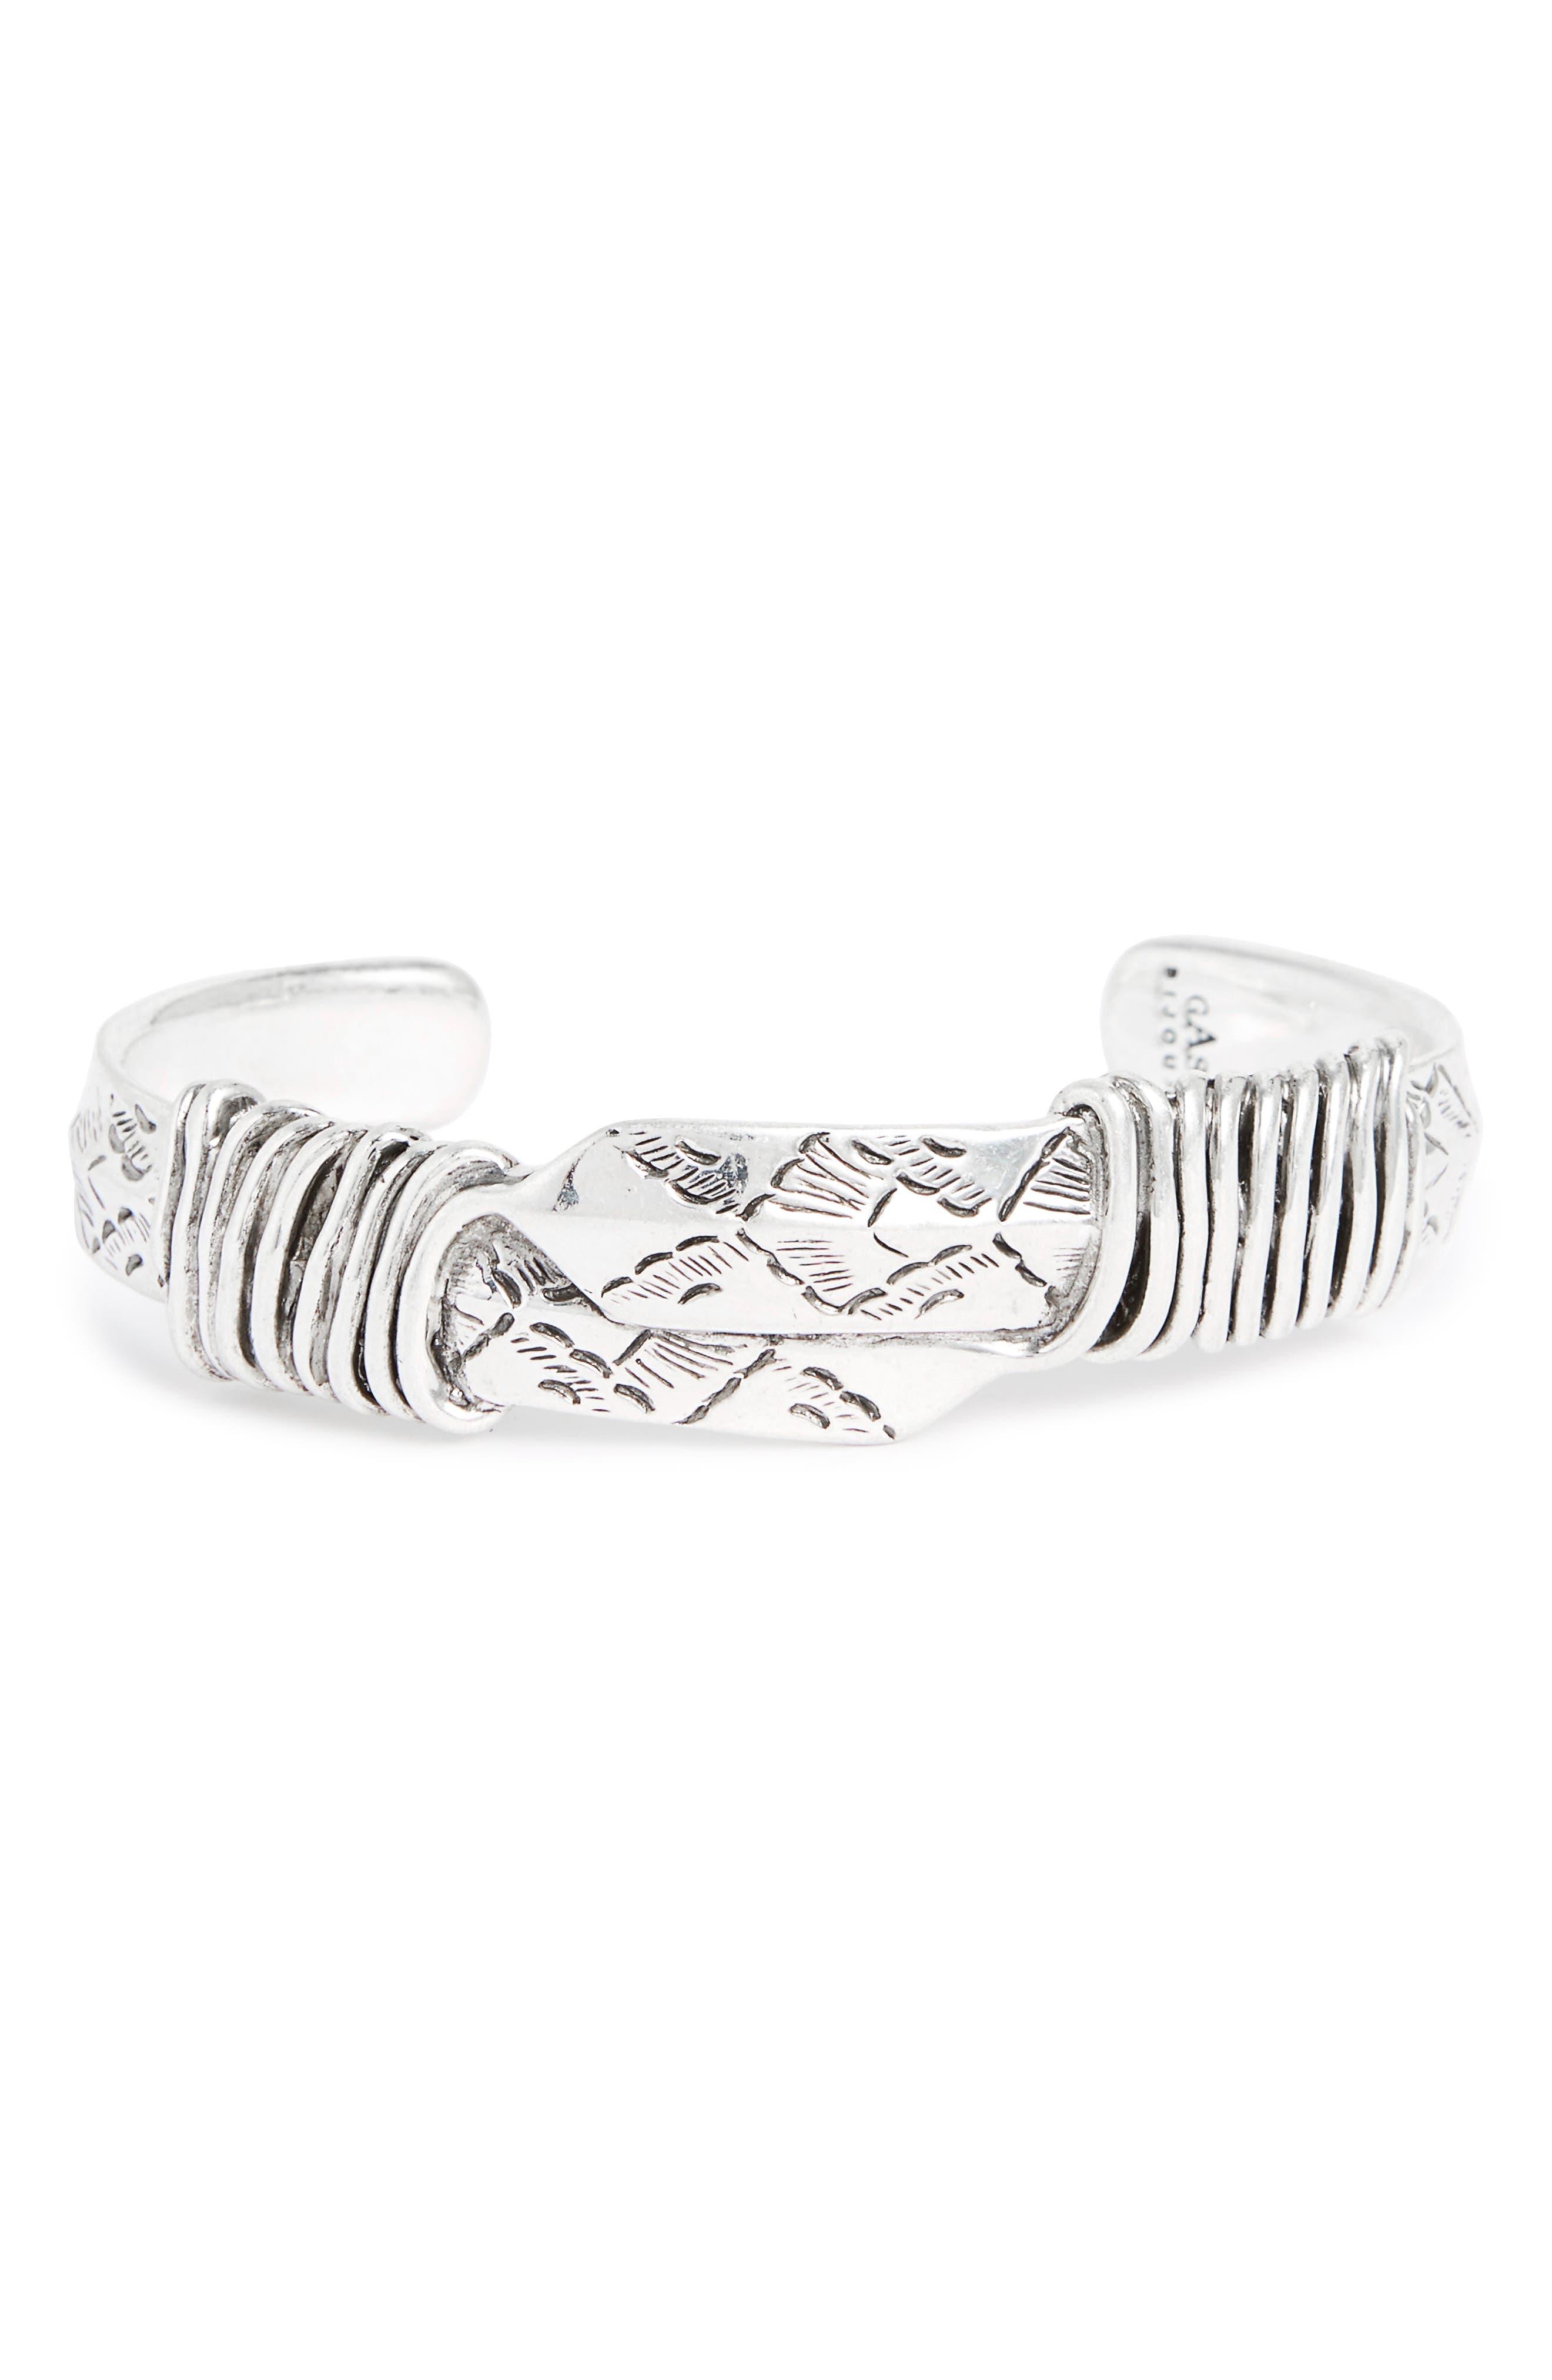 Arrow Cuff Bracelet,                             Main thumbnail 1, color,                             040